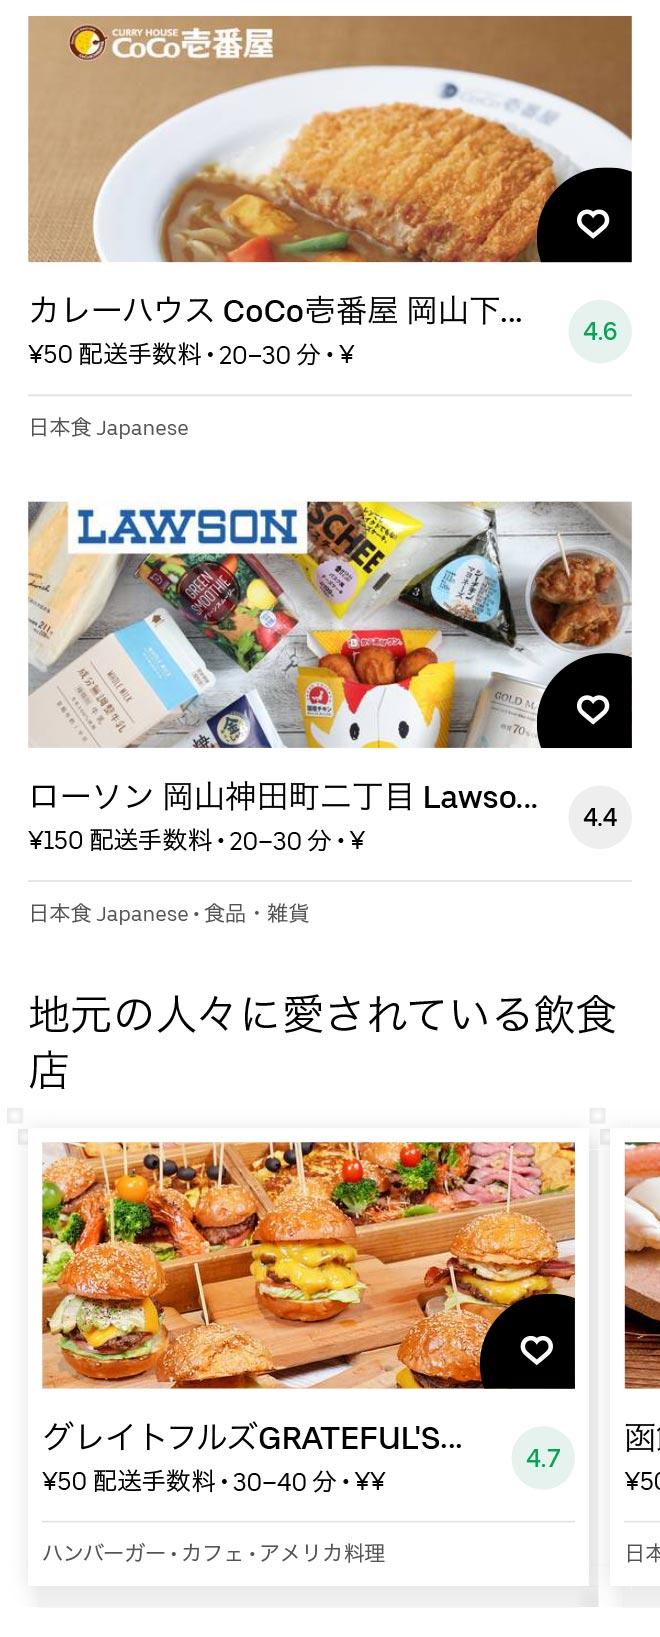 Bizen nishiichi menu 2011 05